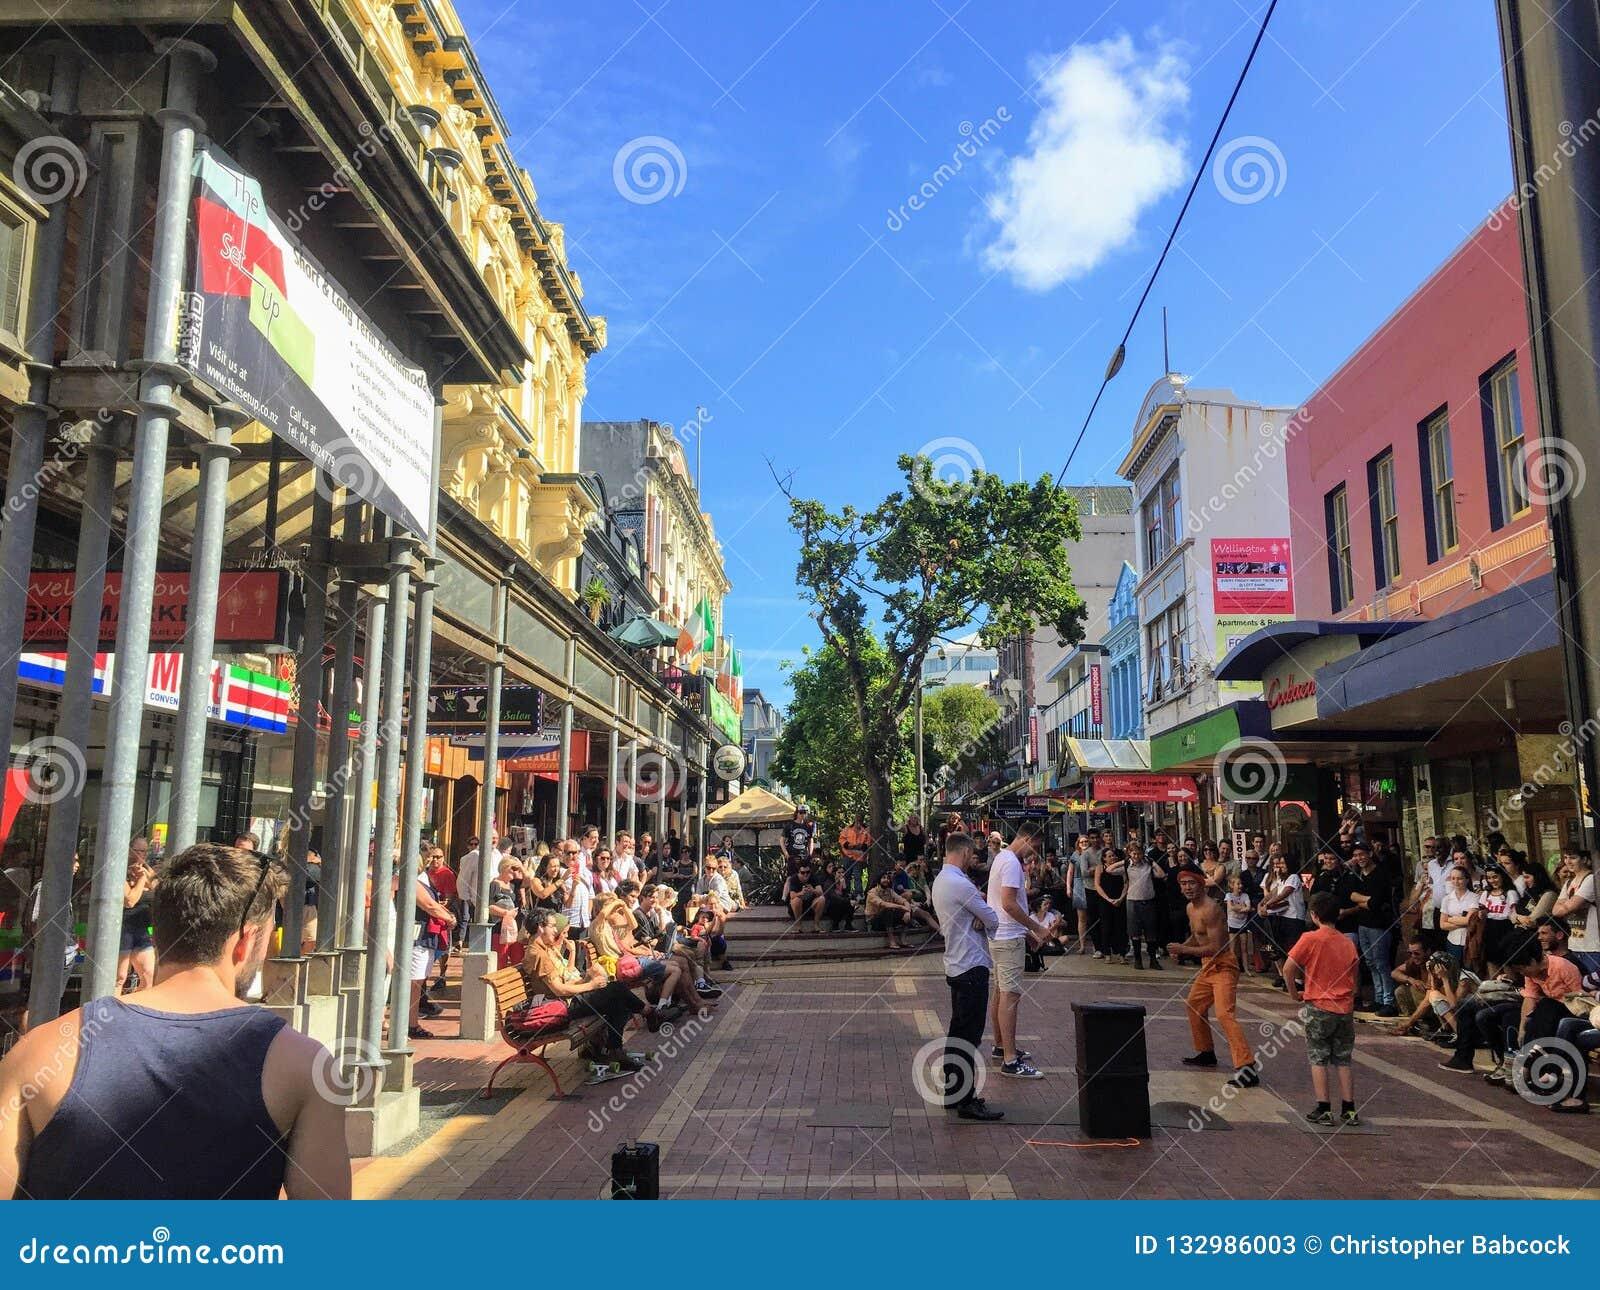 Een ingepakte menigte van toeristen en de plaatselijke bewoners genieten van een lokale straatuitvoerder op de straat van Cuba in